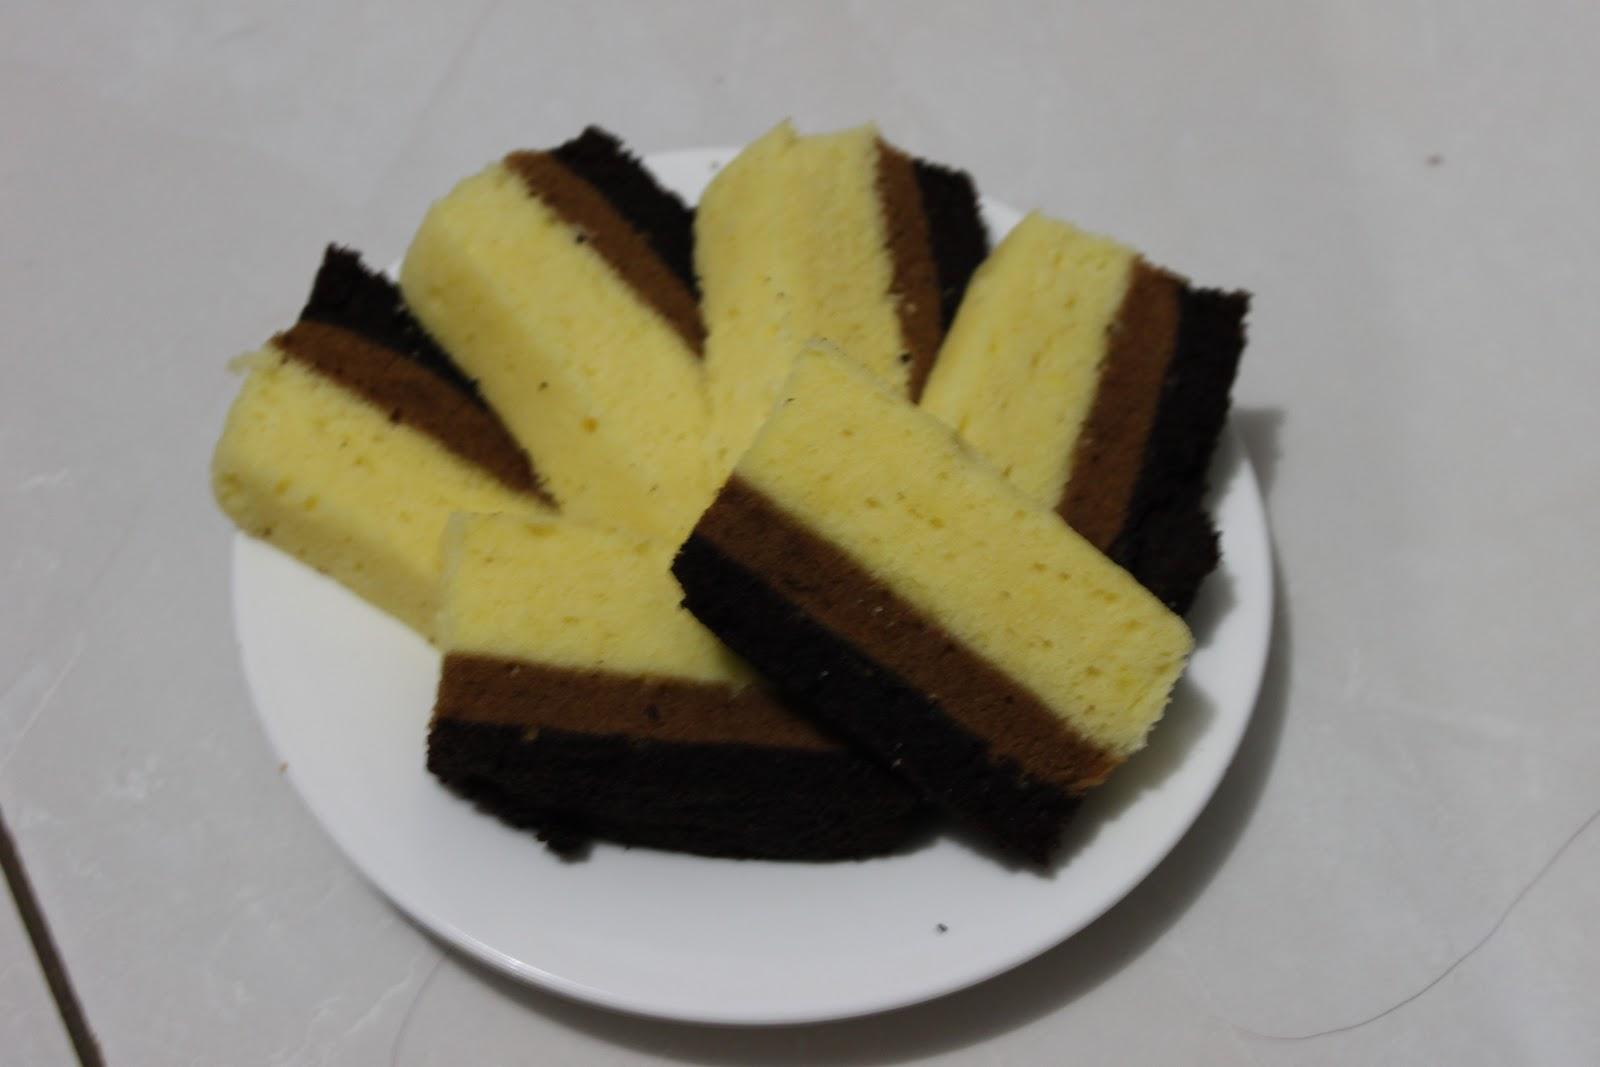 Resep Cake Tart Ncc: Omah KueKoe: Cake Kukus Mocca Coklat